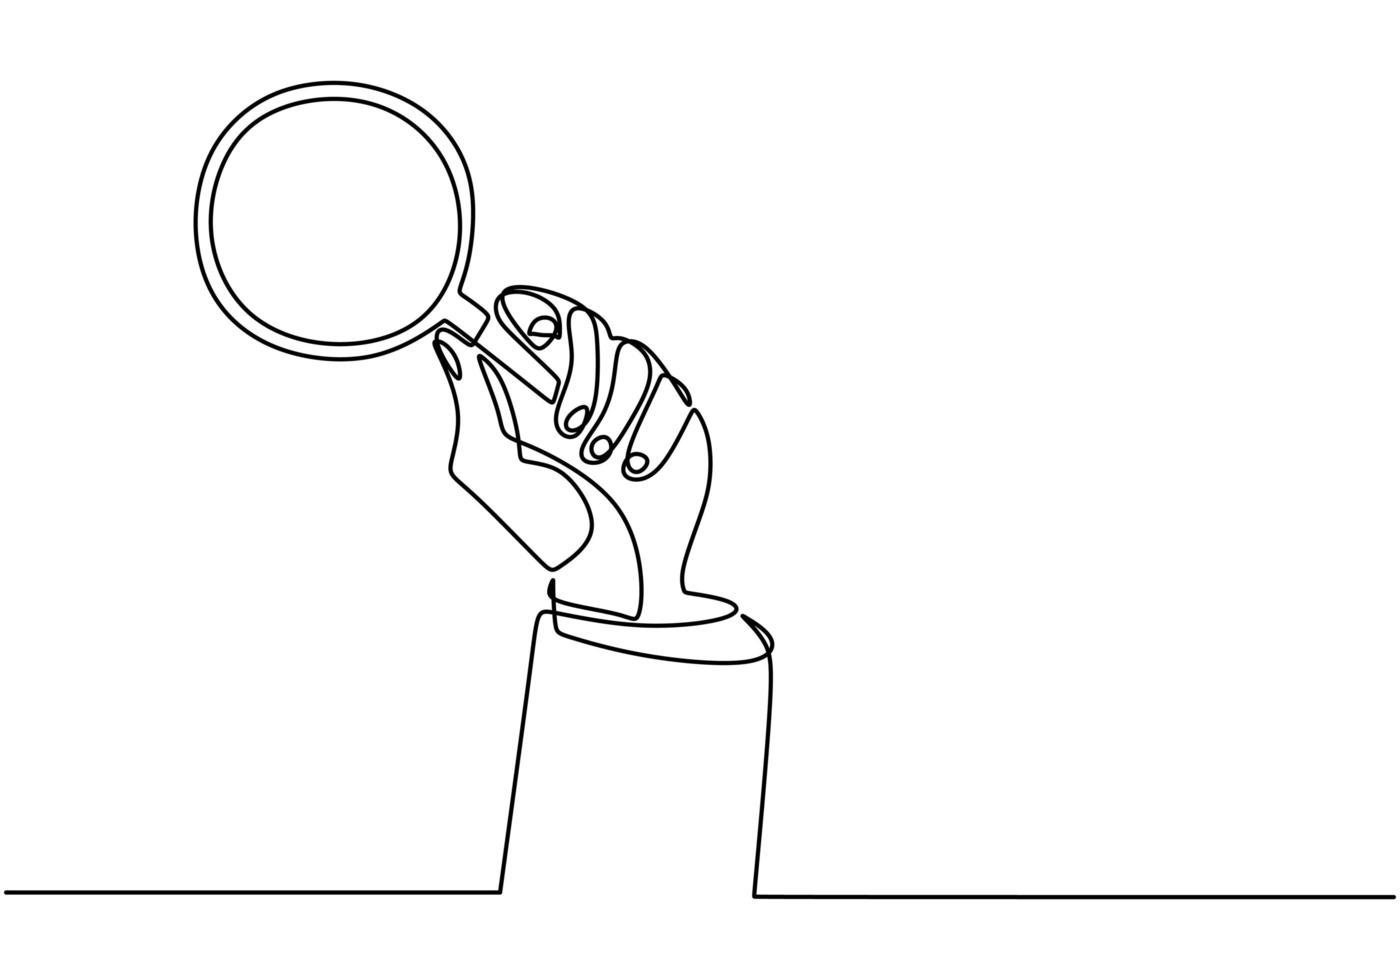 une ligne continue de main tenant une loupe. loupe pour détecter quelque chose de très petit. vecteur